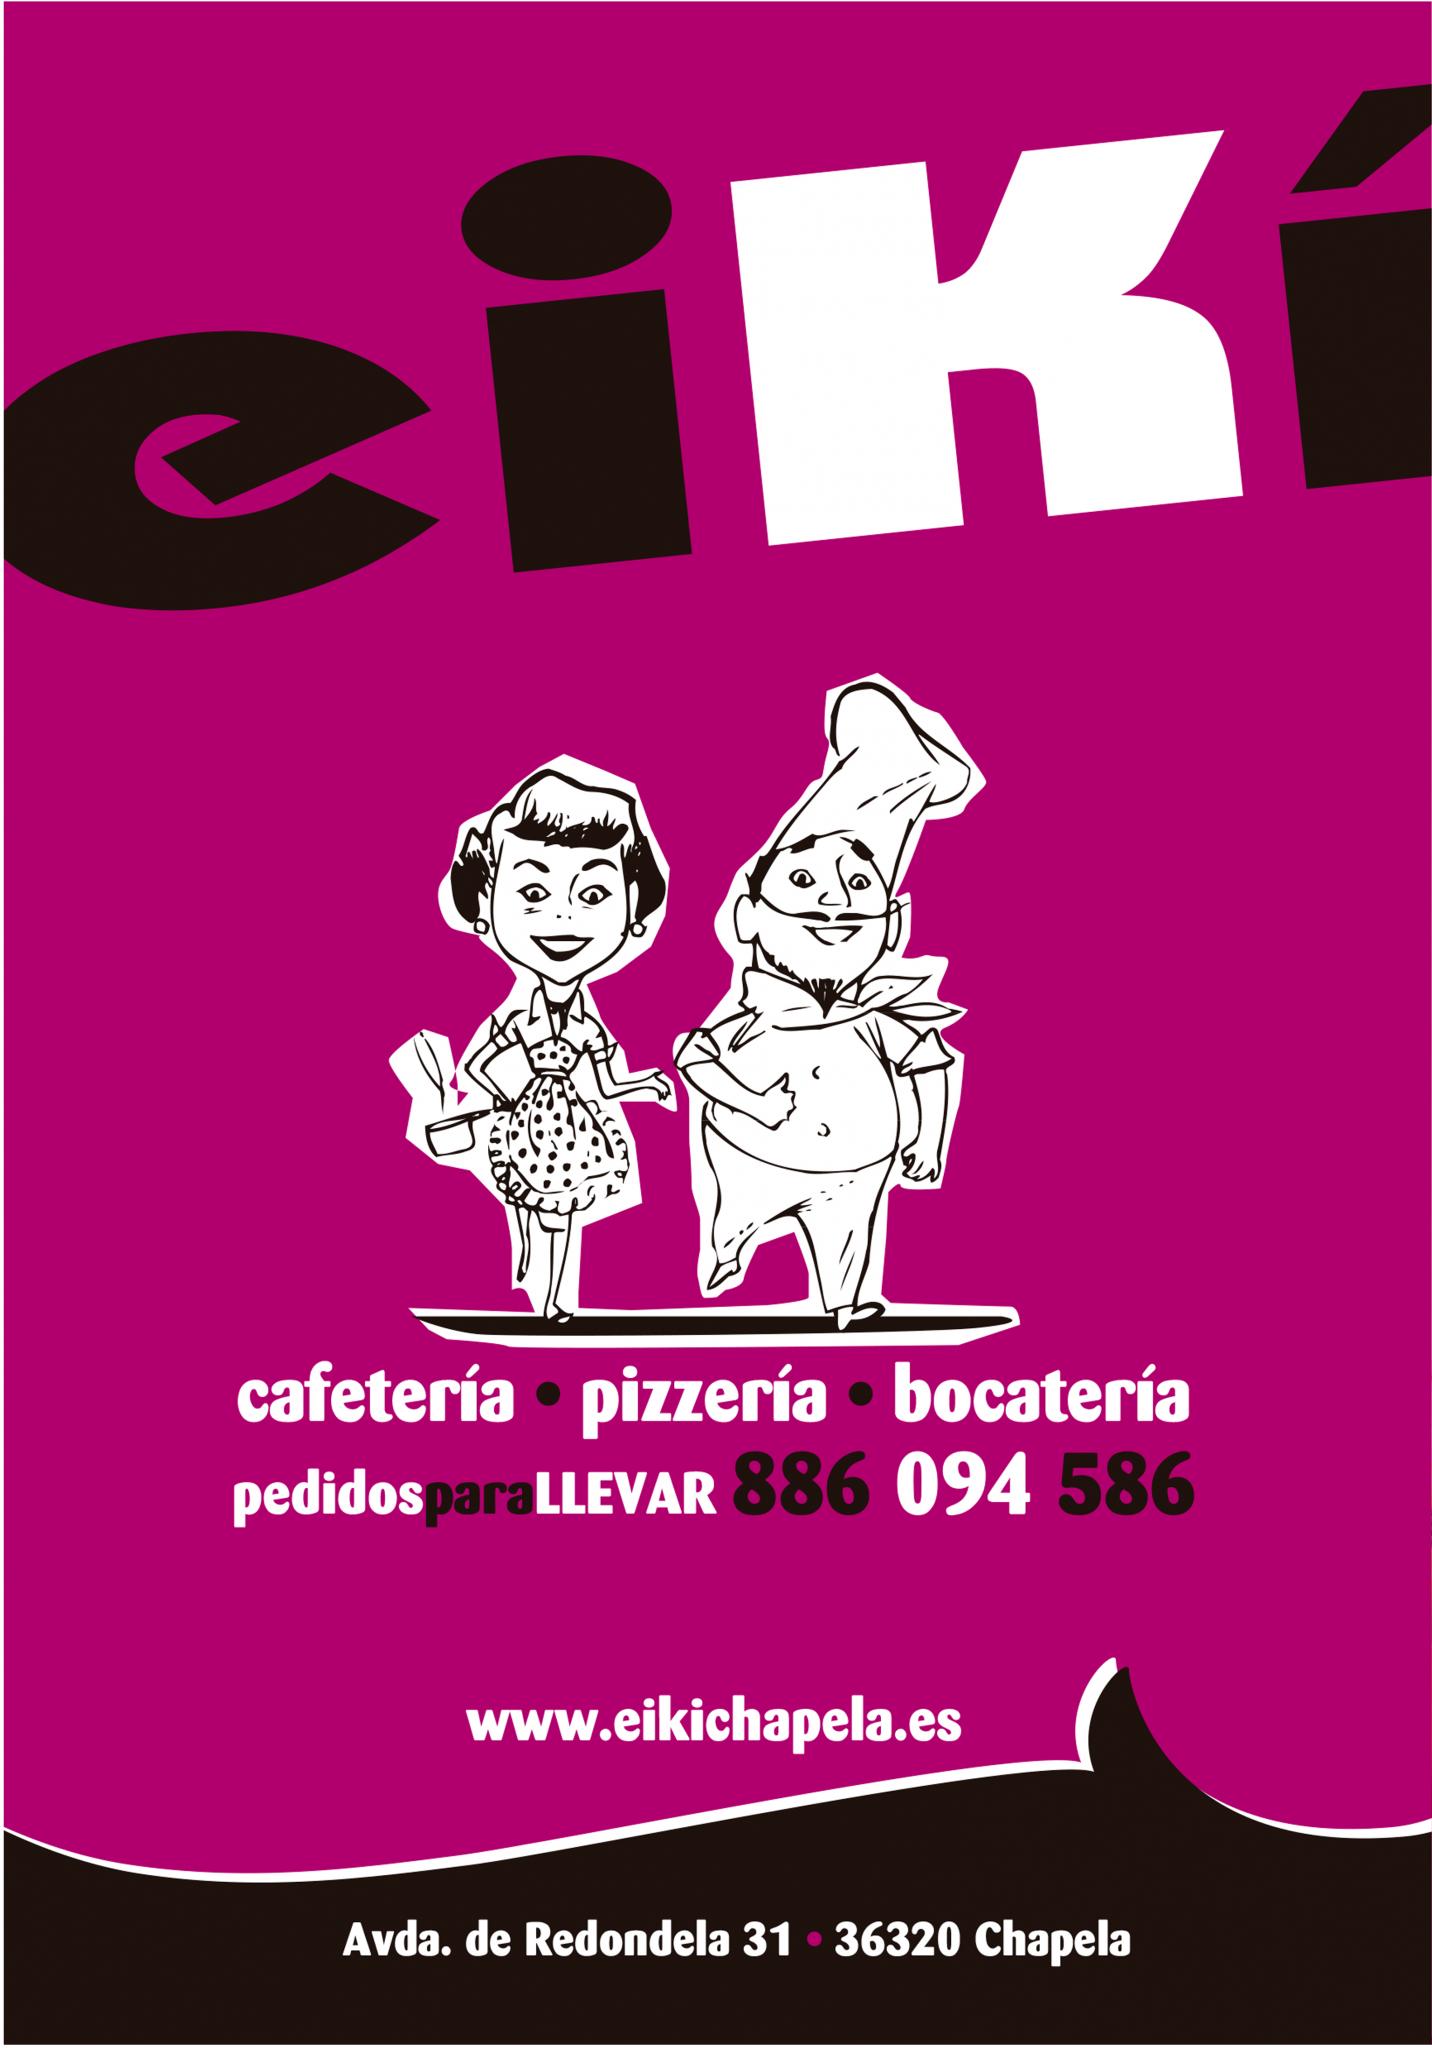 CAFETERÍA EIKI